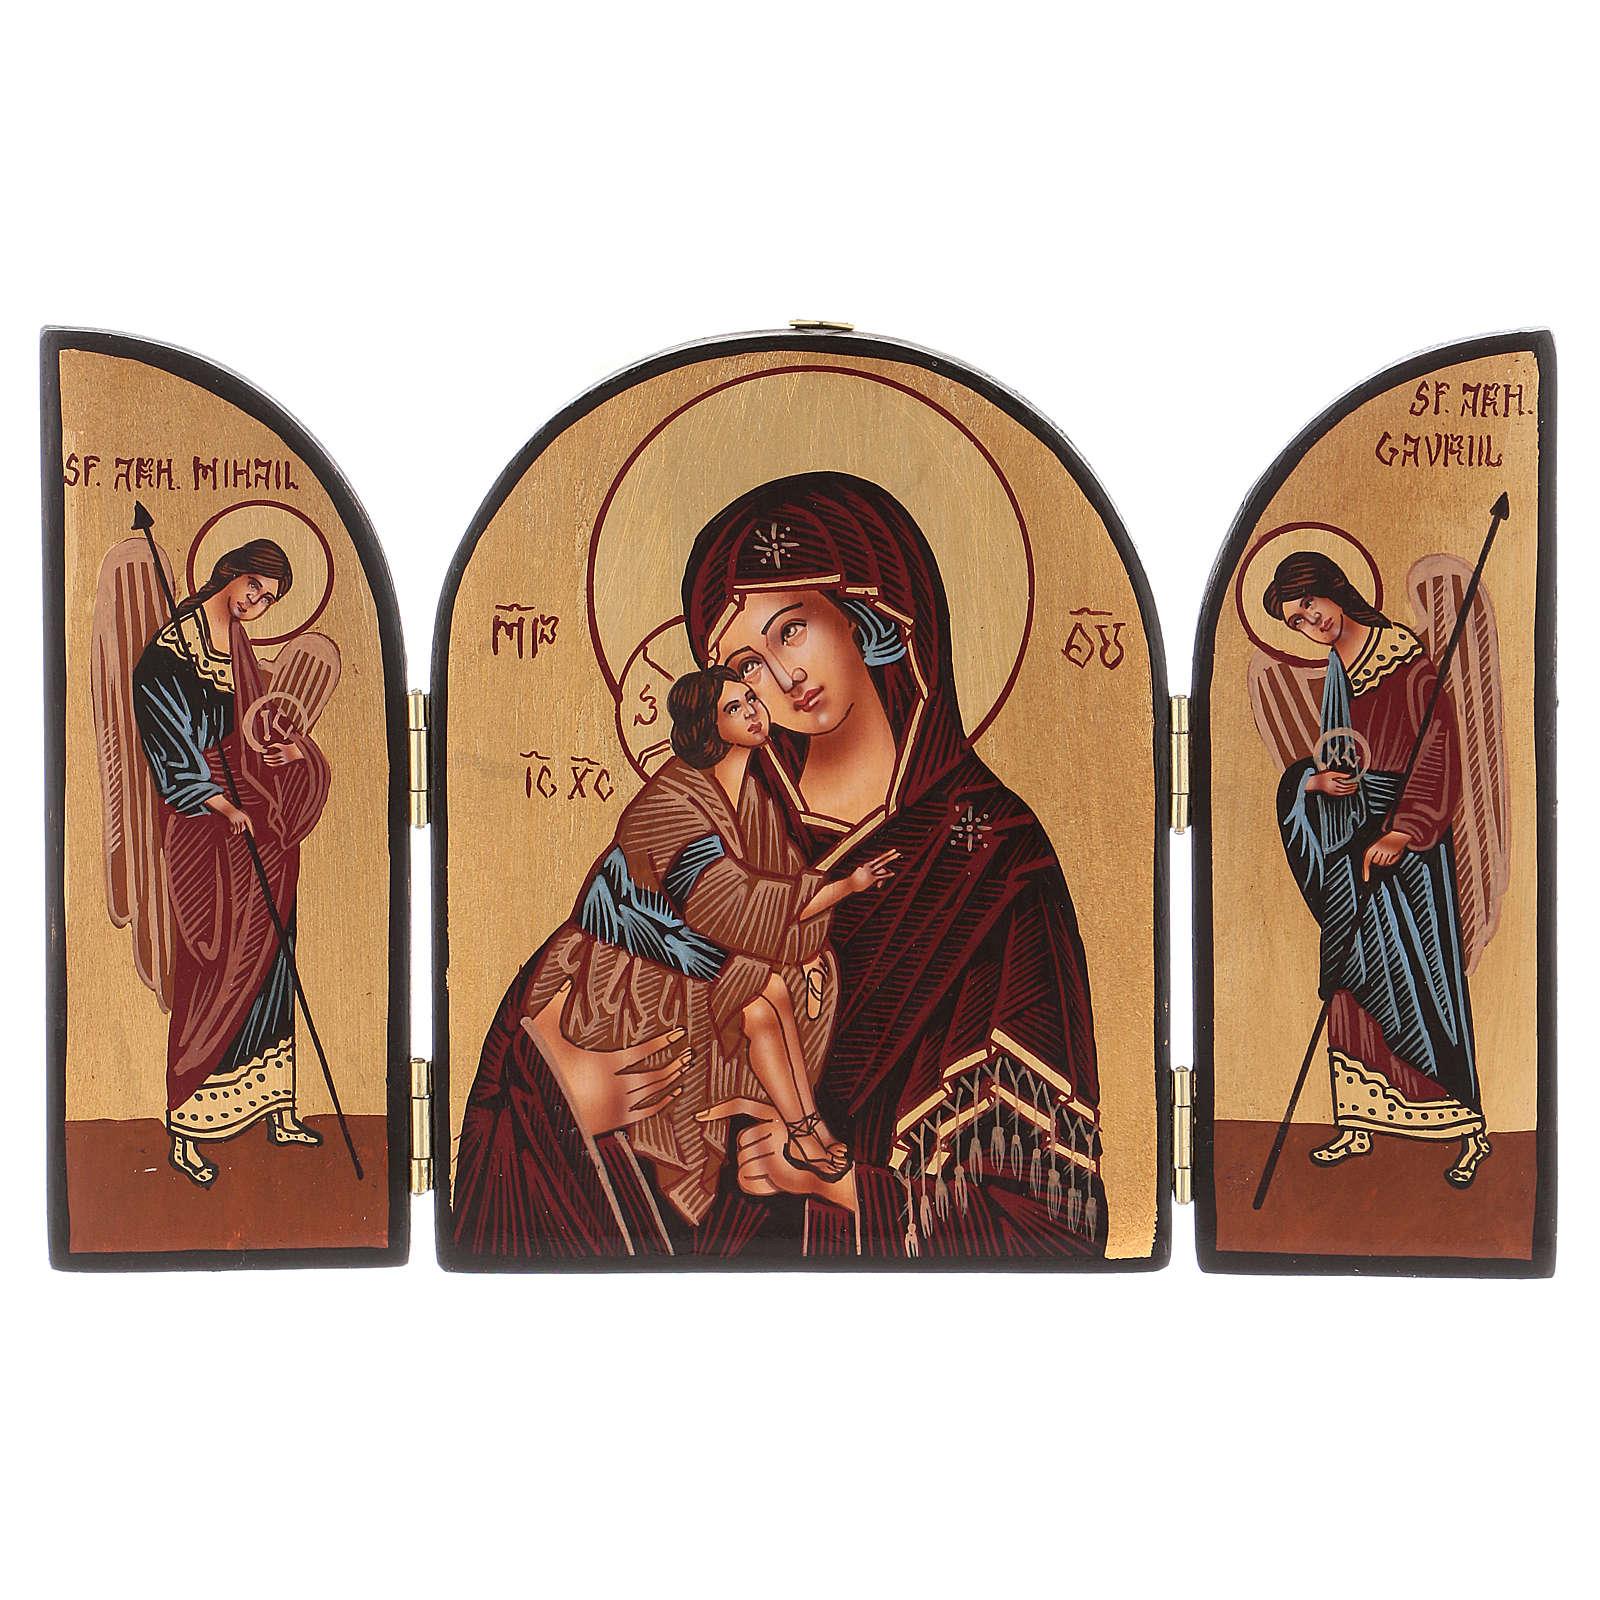 Triptychon, Muttergottes, handgemalt, 20x30 cm, in Rumänien gefertigt 4